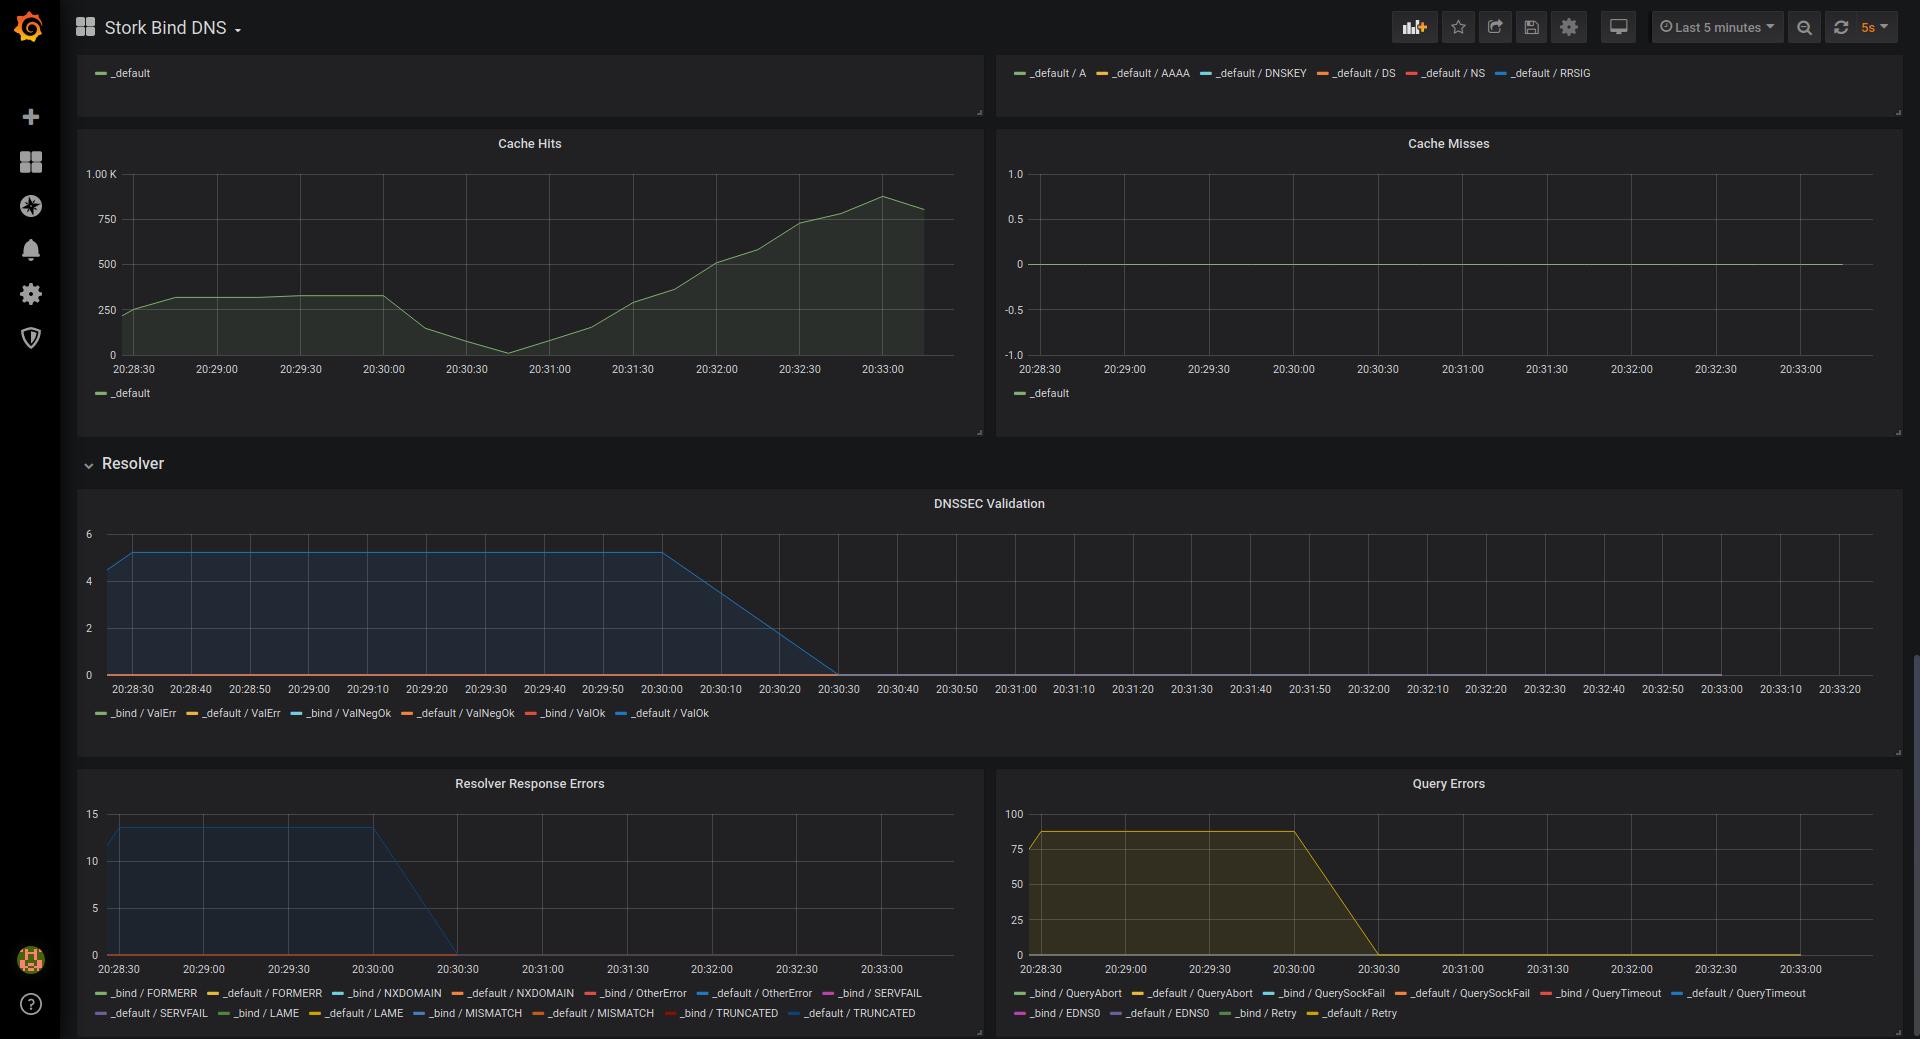 Stork BIND DNS Dashboard in Grafana - DNS Stats